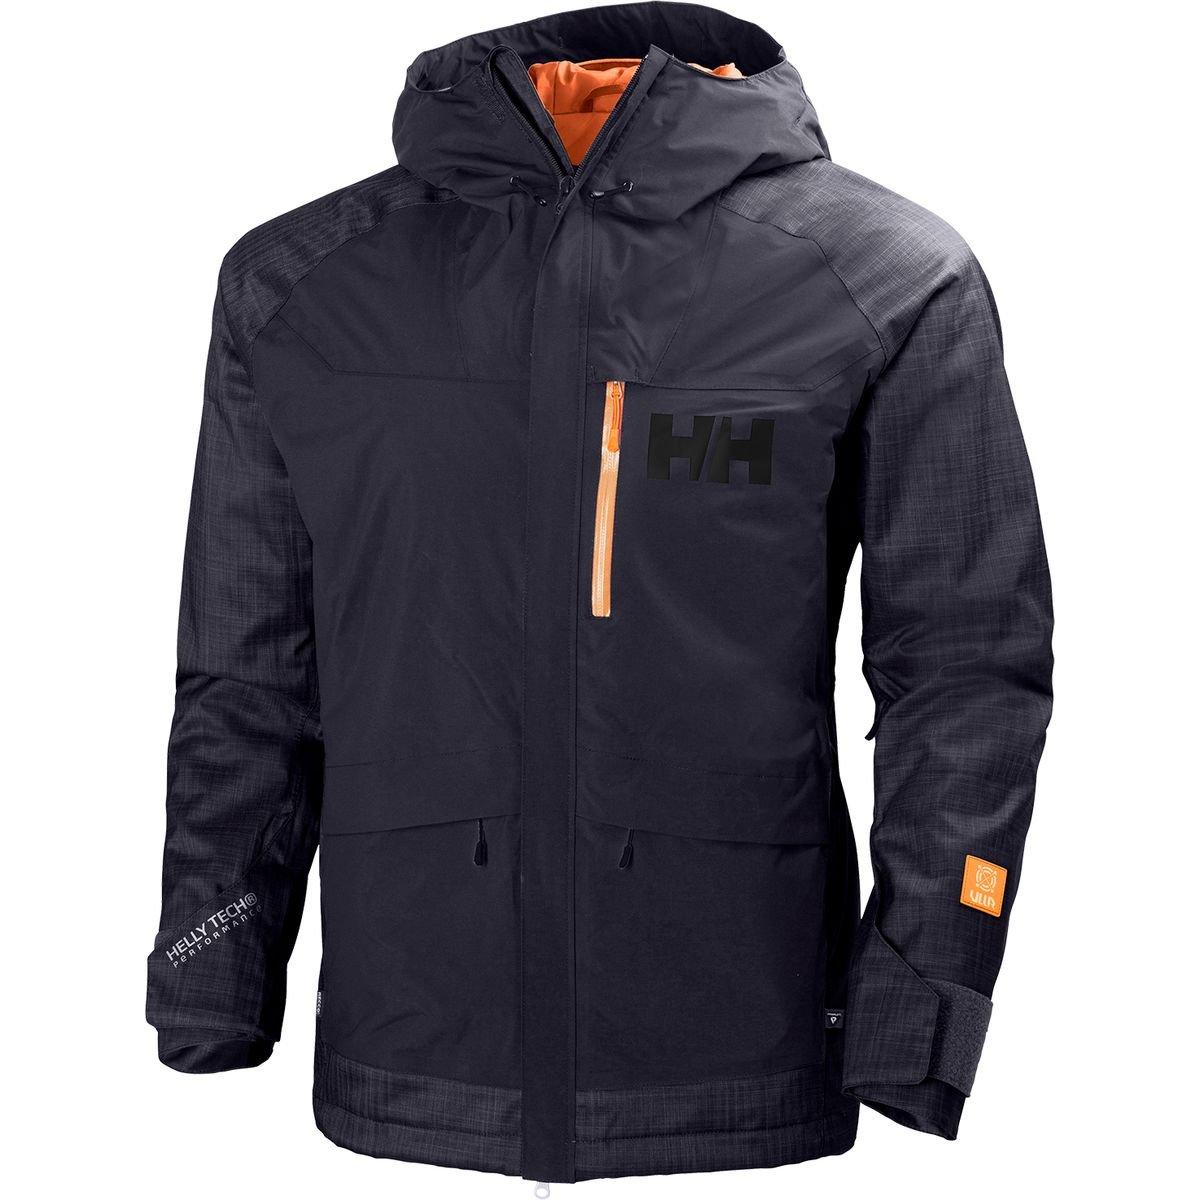 (ヘリーハンセン) Helly Hansen Fernie Jacket メンズ ジャケットGraphite Blue [並行輸入品] B0767B6N3Q  Graphite Blue 日本サイズ LL (US L)